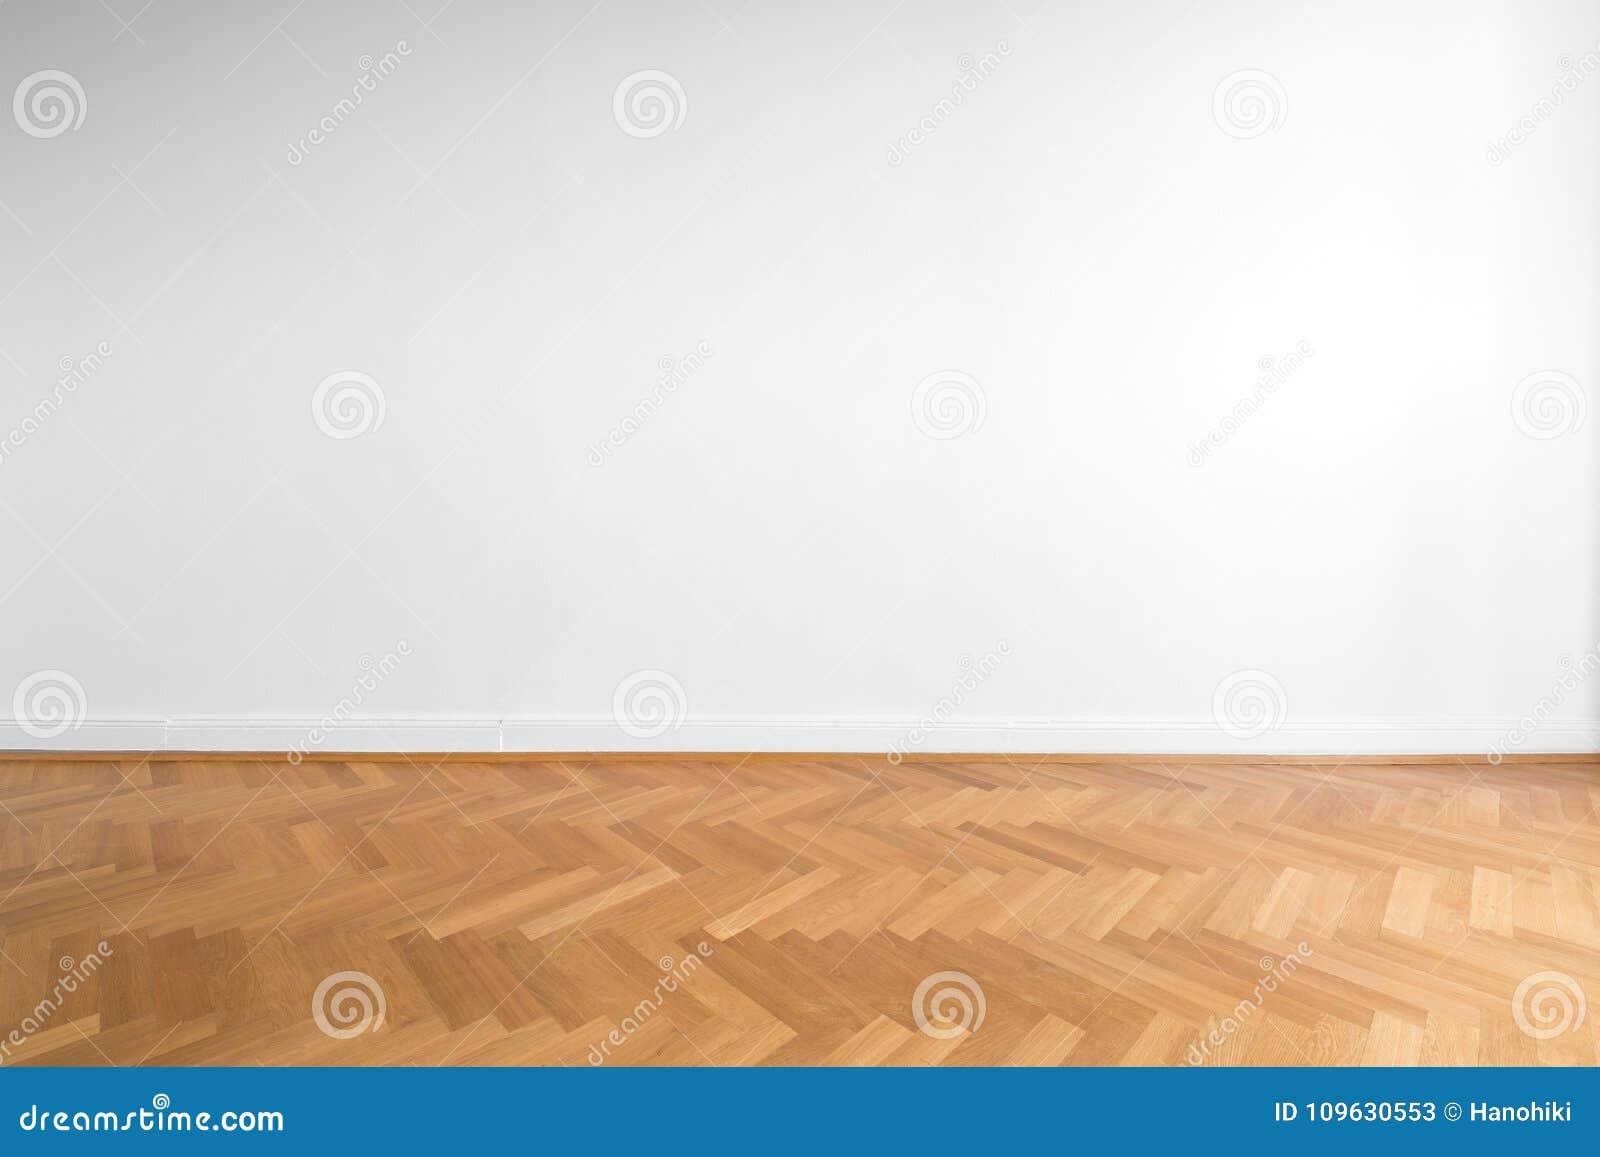 Pavimento di parquet di legno e fondo bianco della parete - stanza vuota, Ne